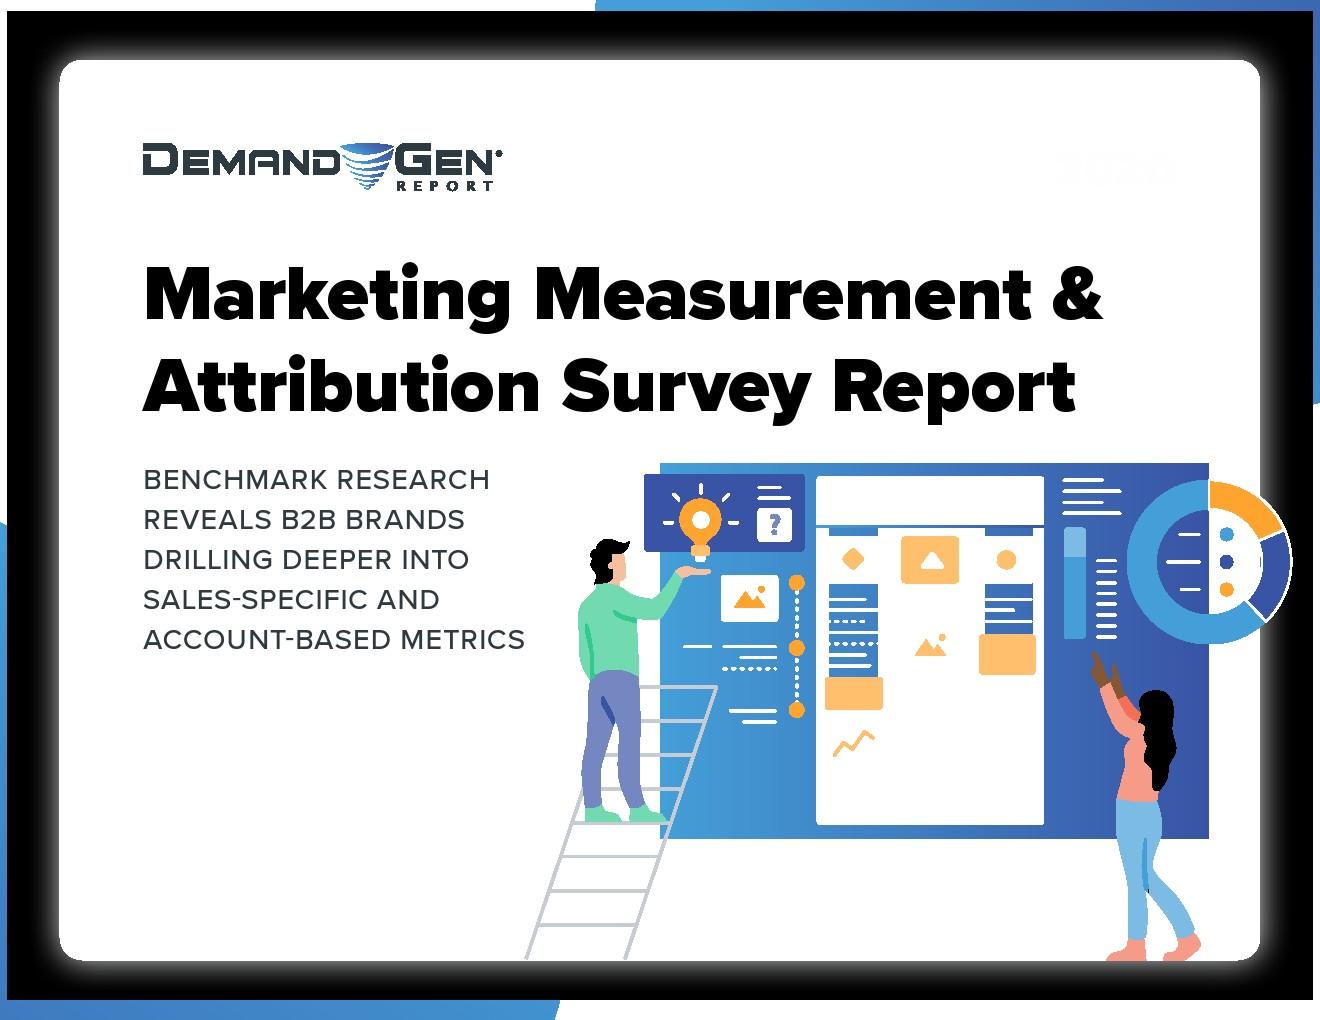 Demand Gen:营销测量和归因调查报告